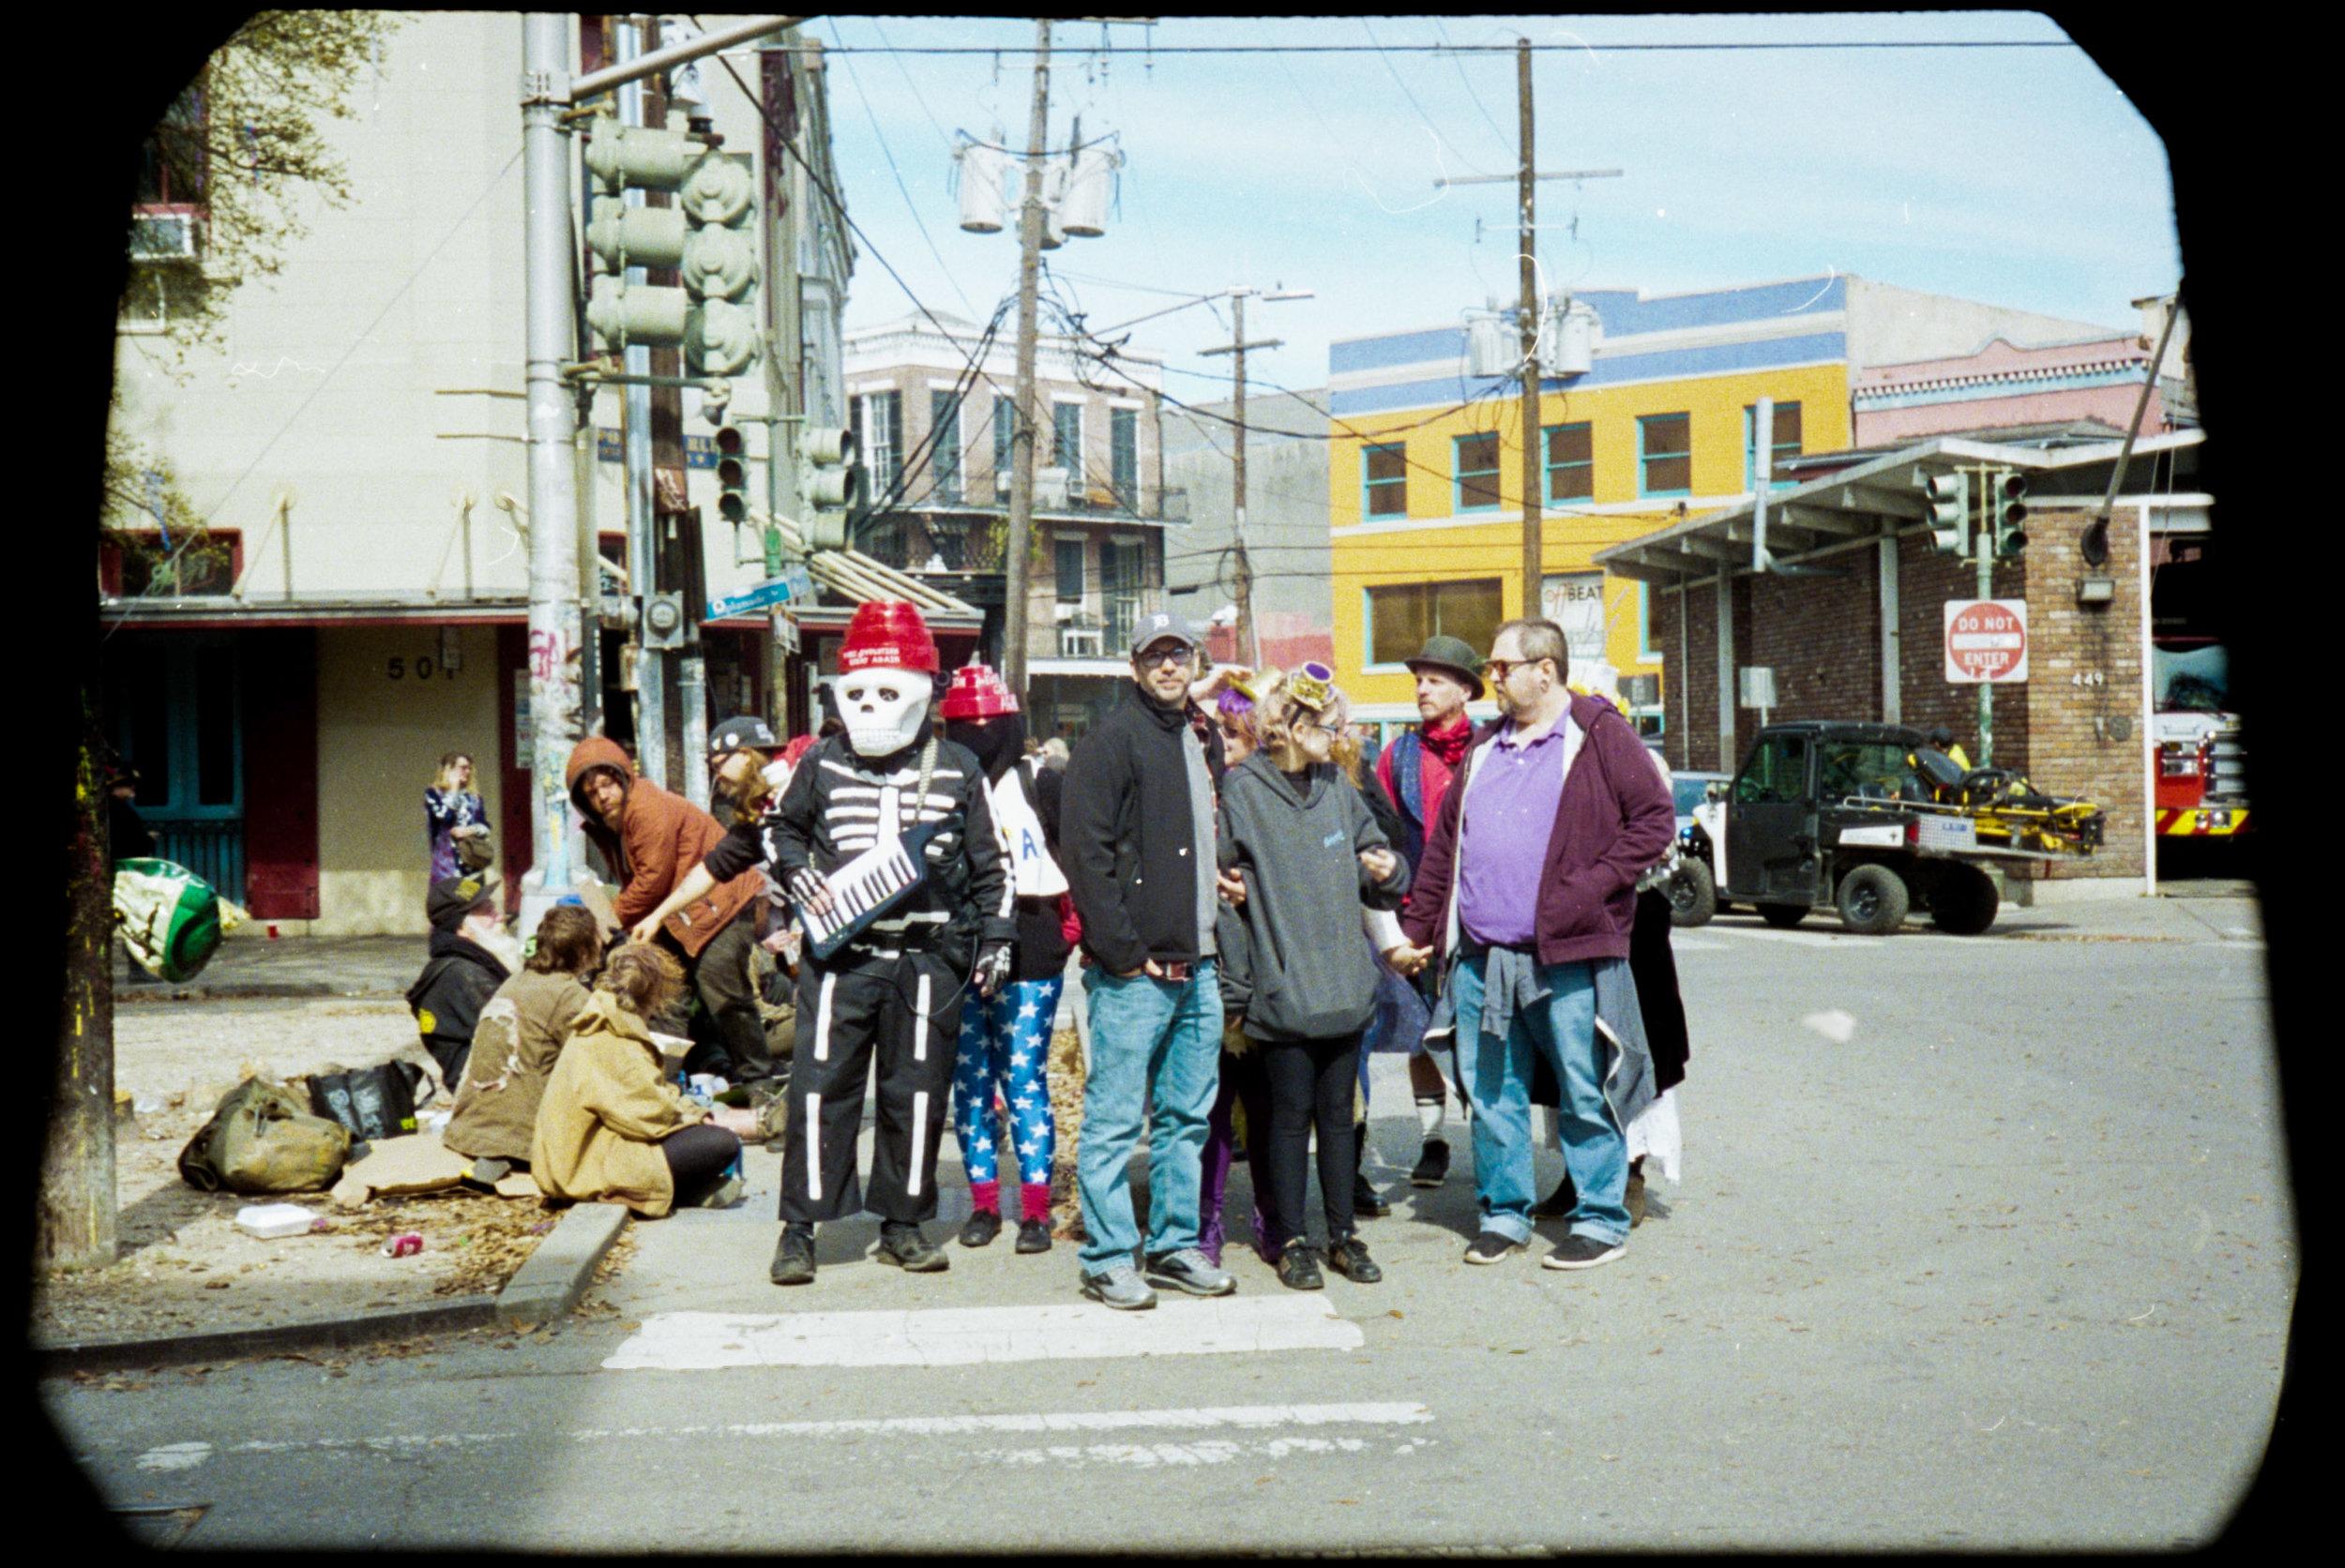 film-scans-equirk-369.jpg